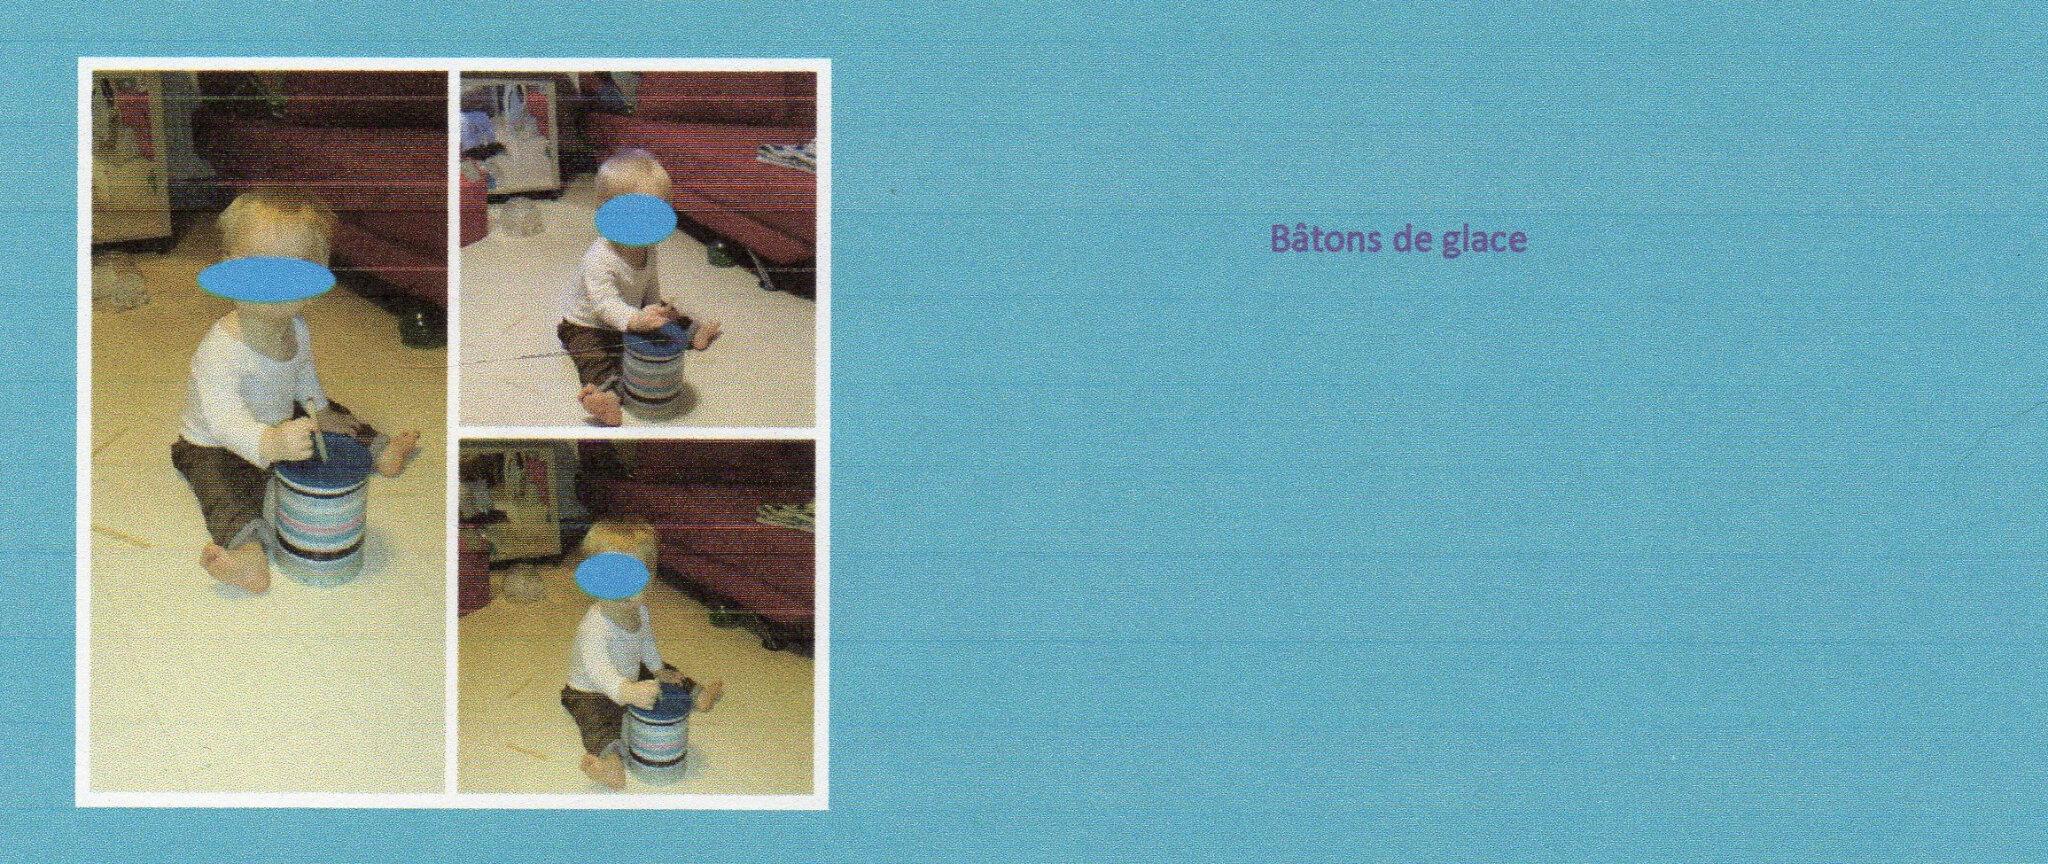 img067 - Copie (2)